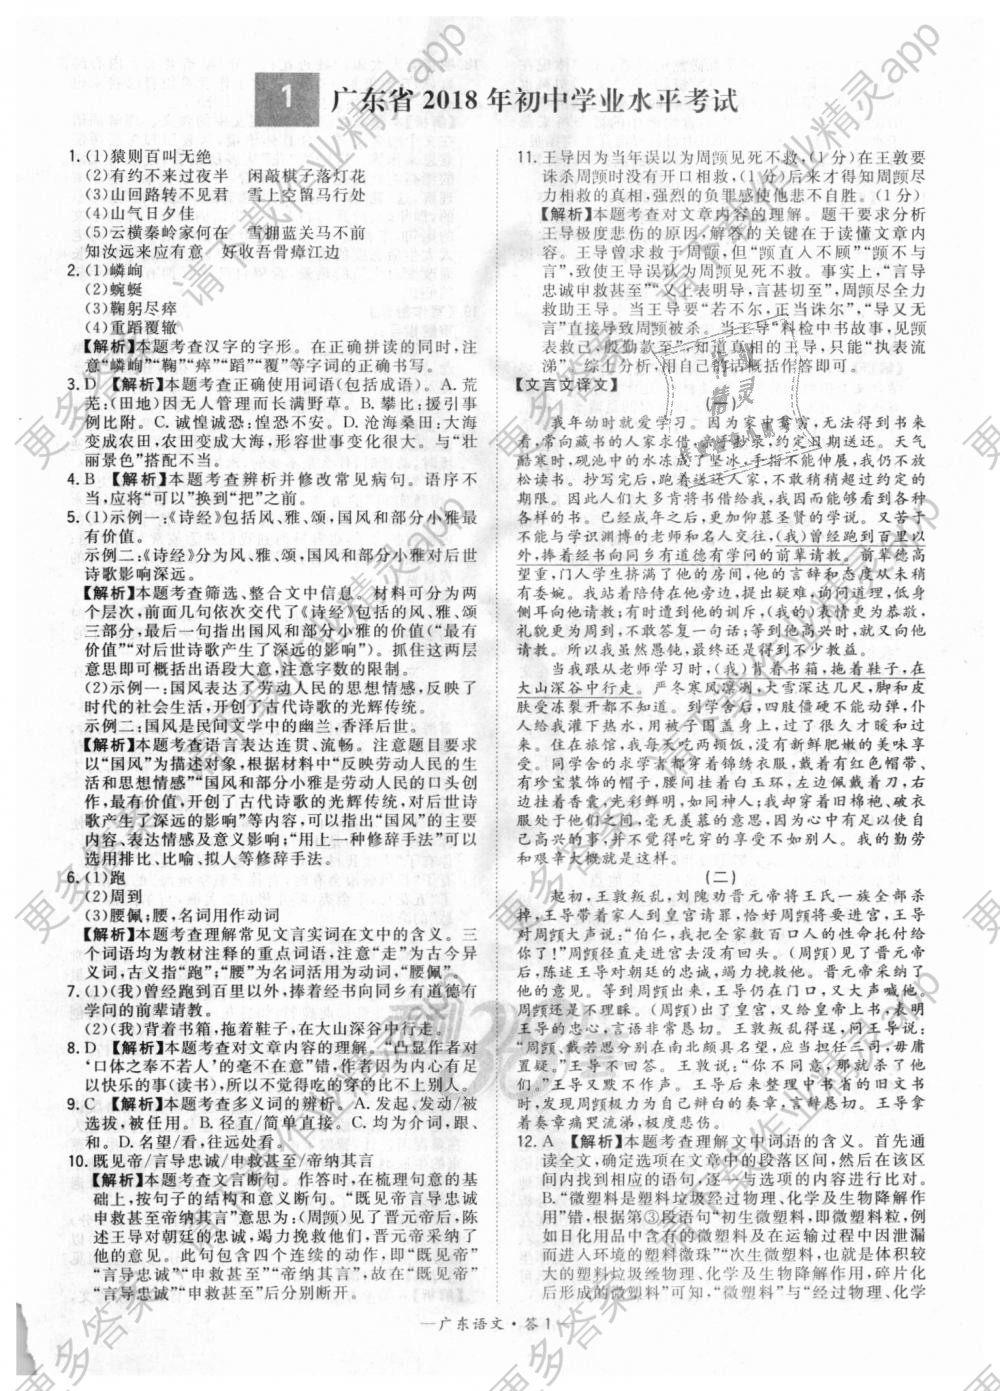 2018年天利38套中考试题精选九年级语文广东省专版 第1页